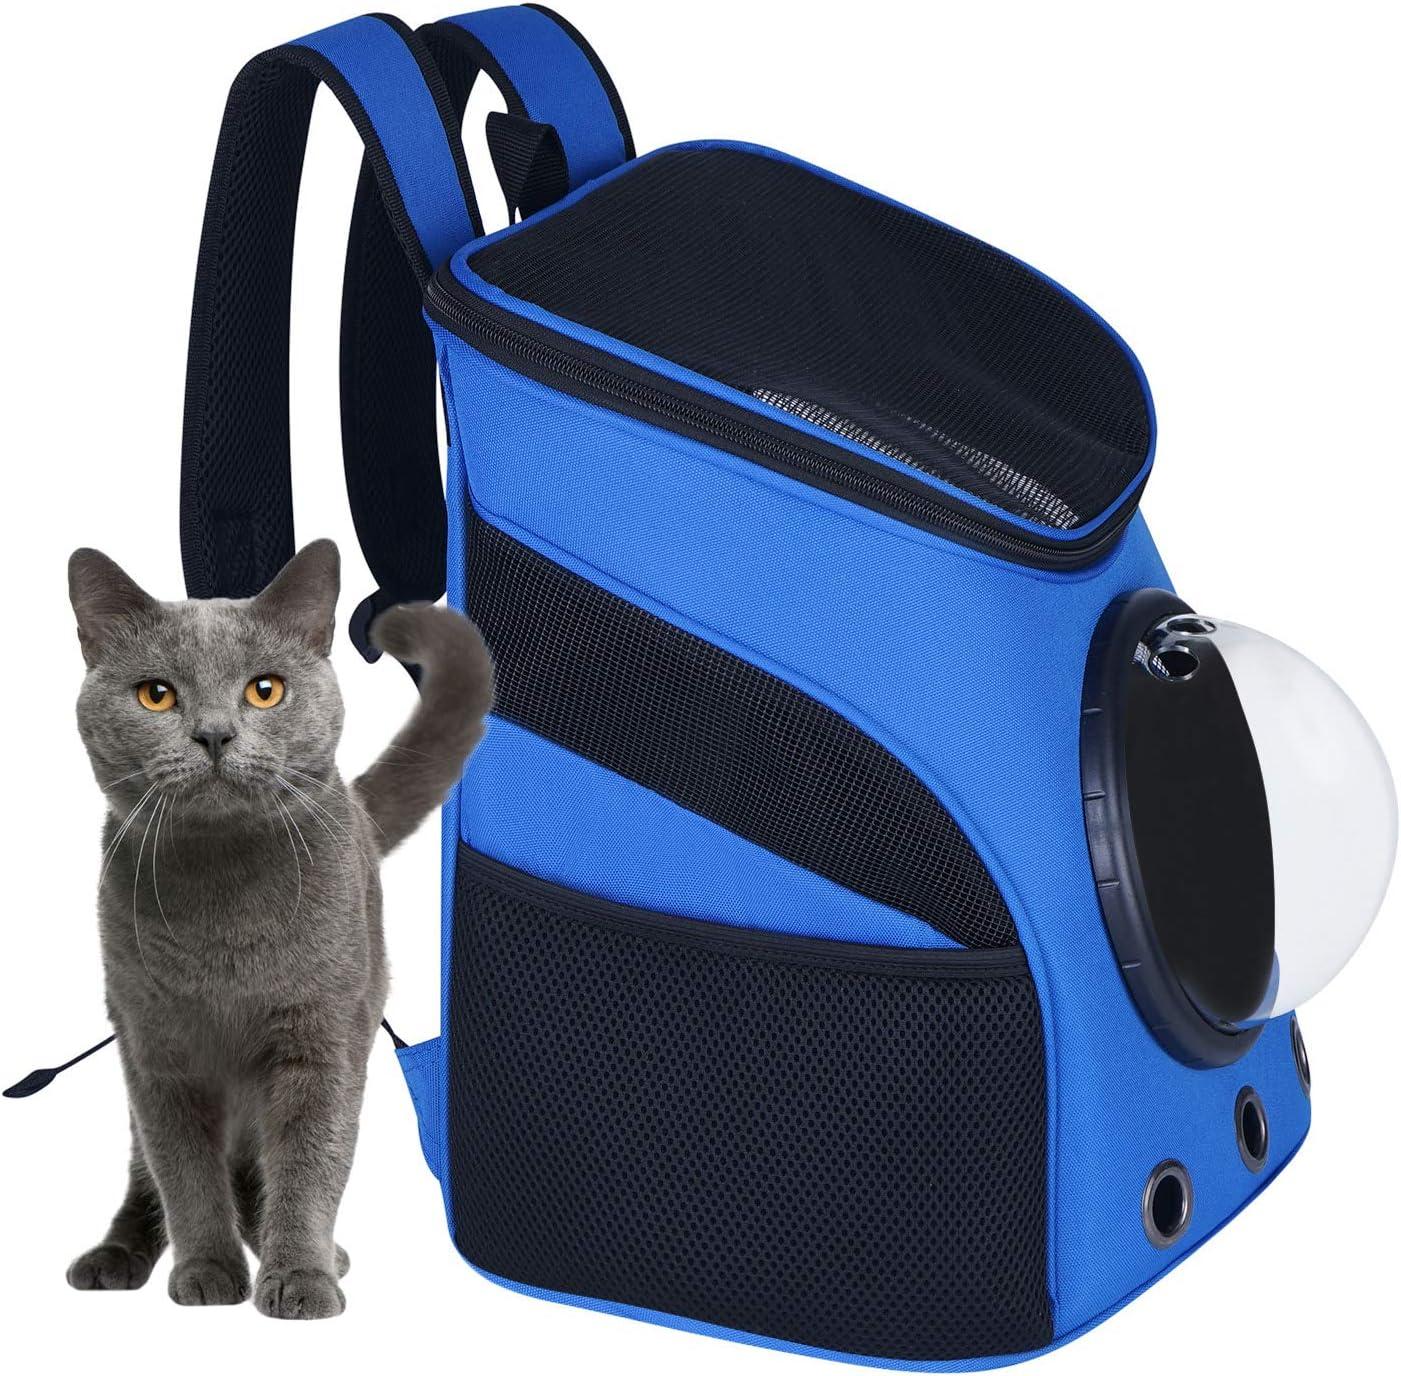 per viaggi brevi e passeggiate Zaino portatile per cani e cuccioli di cane con capsula spaziale trasparente leggero impermeabile traspirante